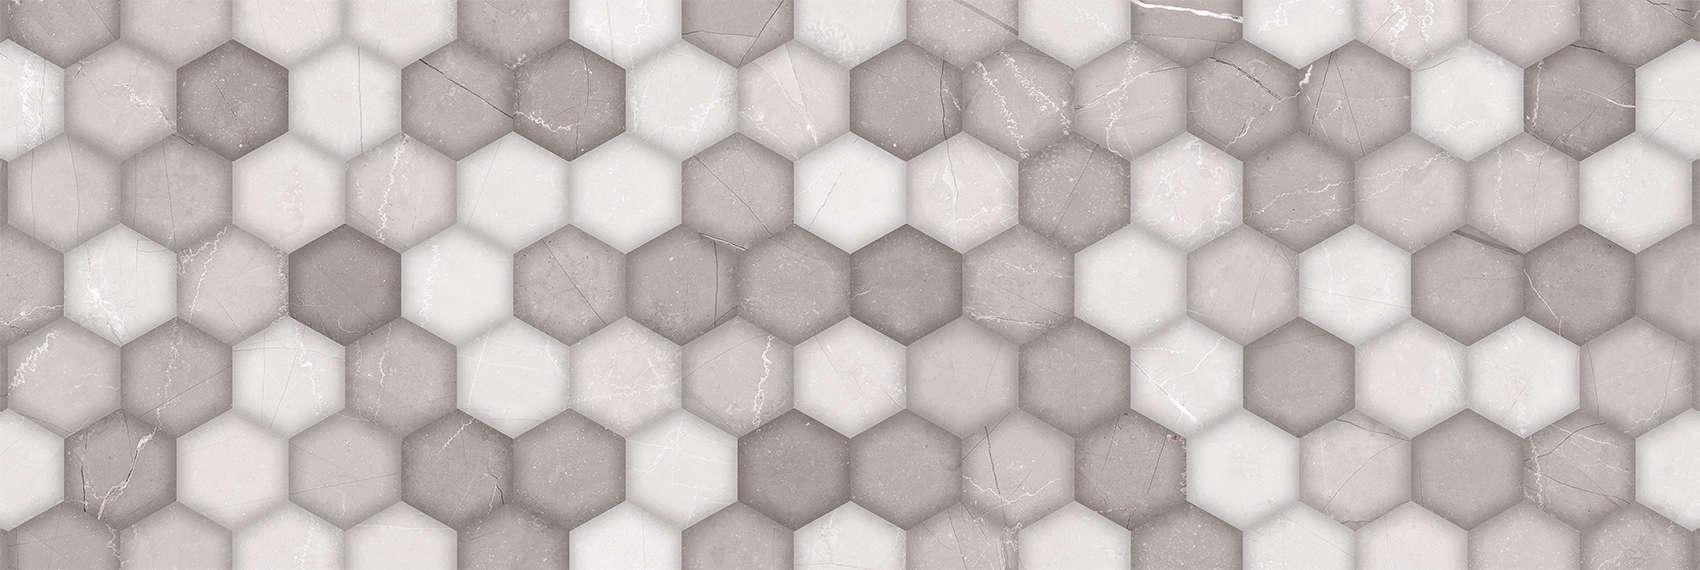 Faianță pentru baie Navarti Brisbane Relief Perla 300x900 texturată și lucioasă gri / 4